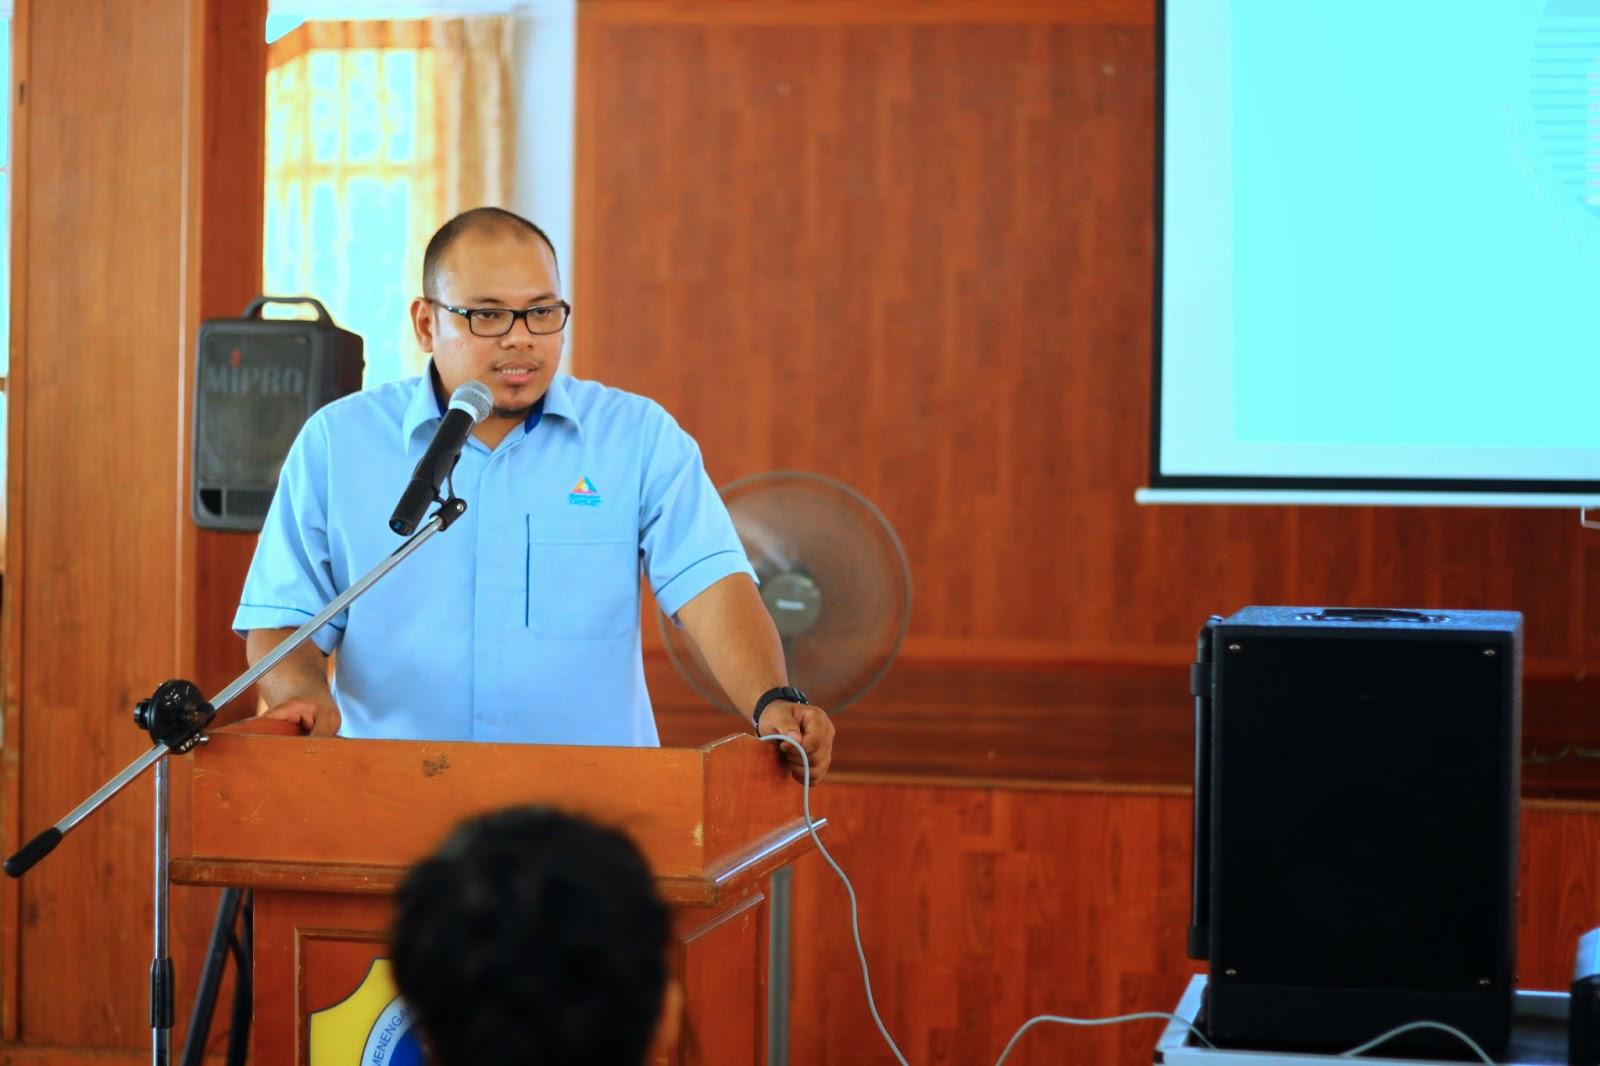 En Tahir Musa (MCMC) berkongsikan info mengenai Pertandingan Liga Remaja Kreatif 2014